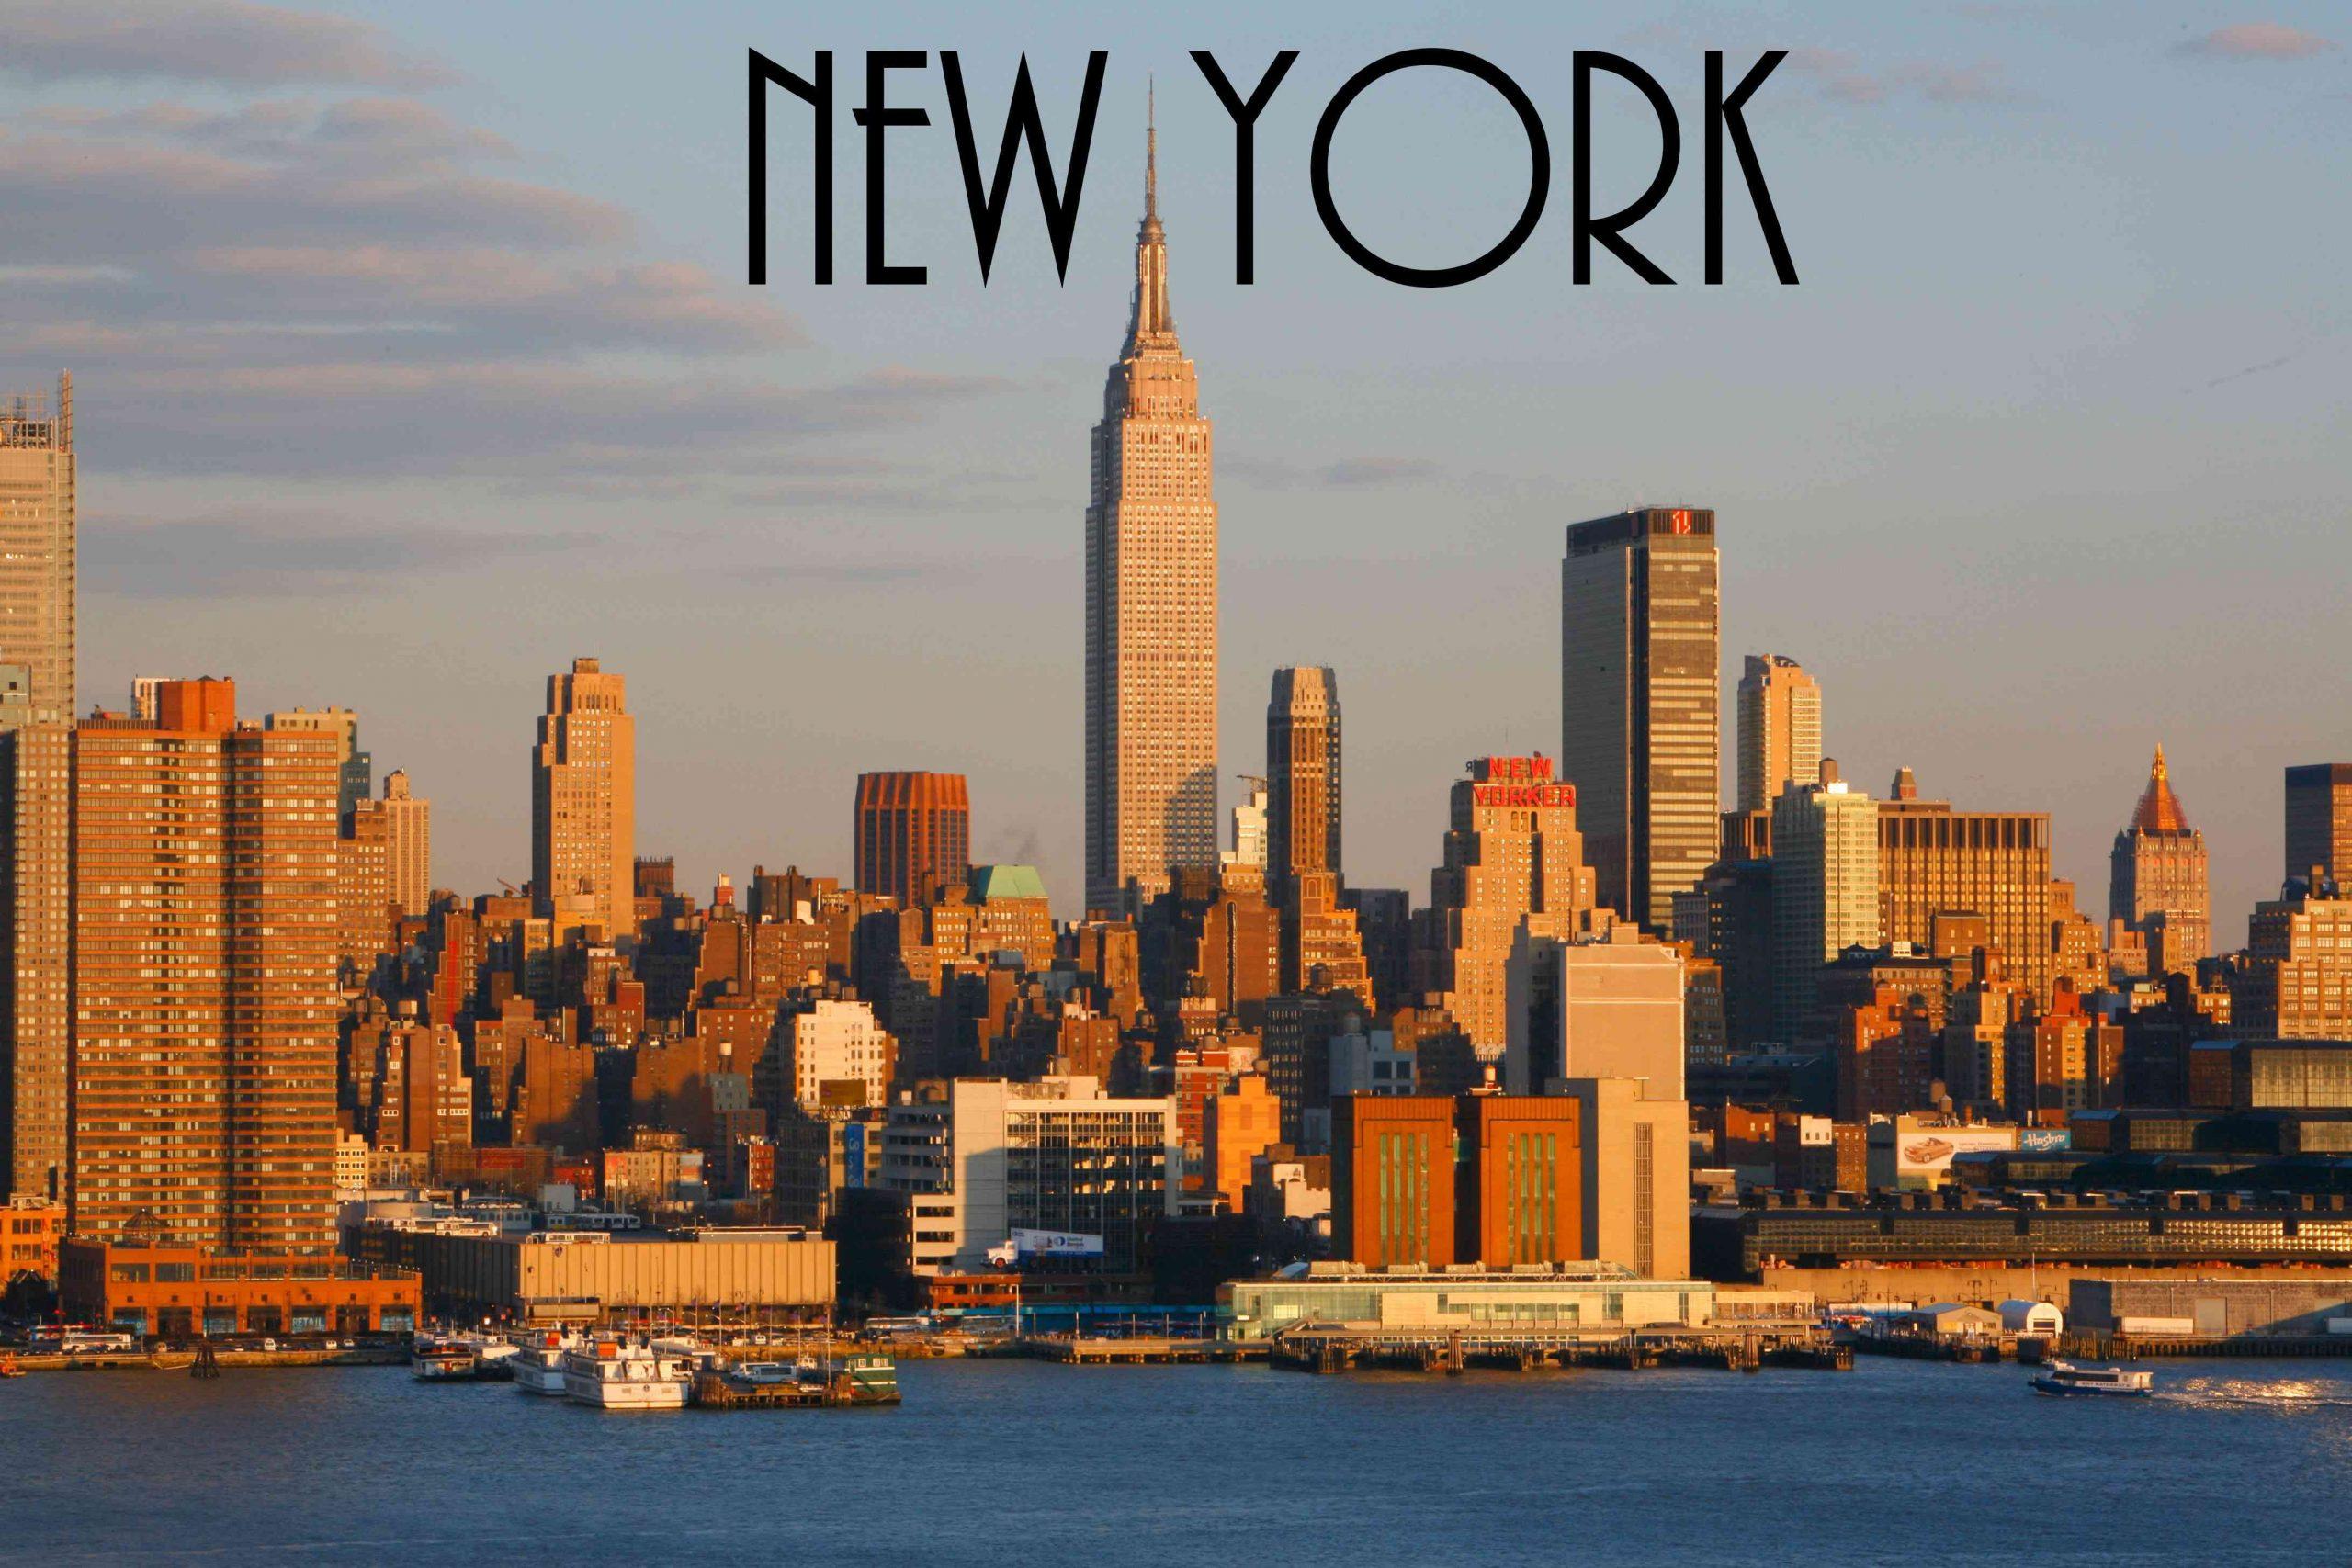 Chuyển phát nhanh đi New York uy tín, chất lượng cao